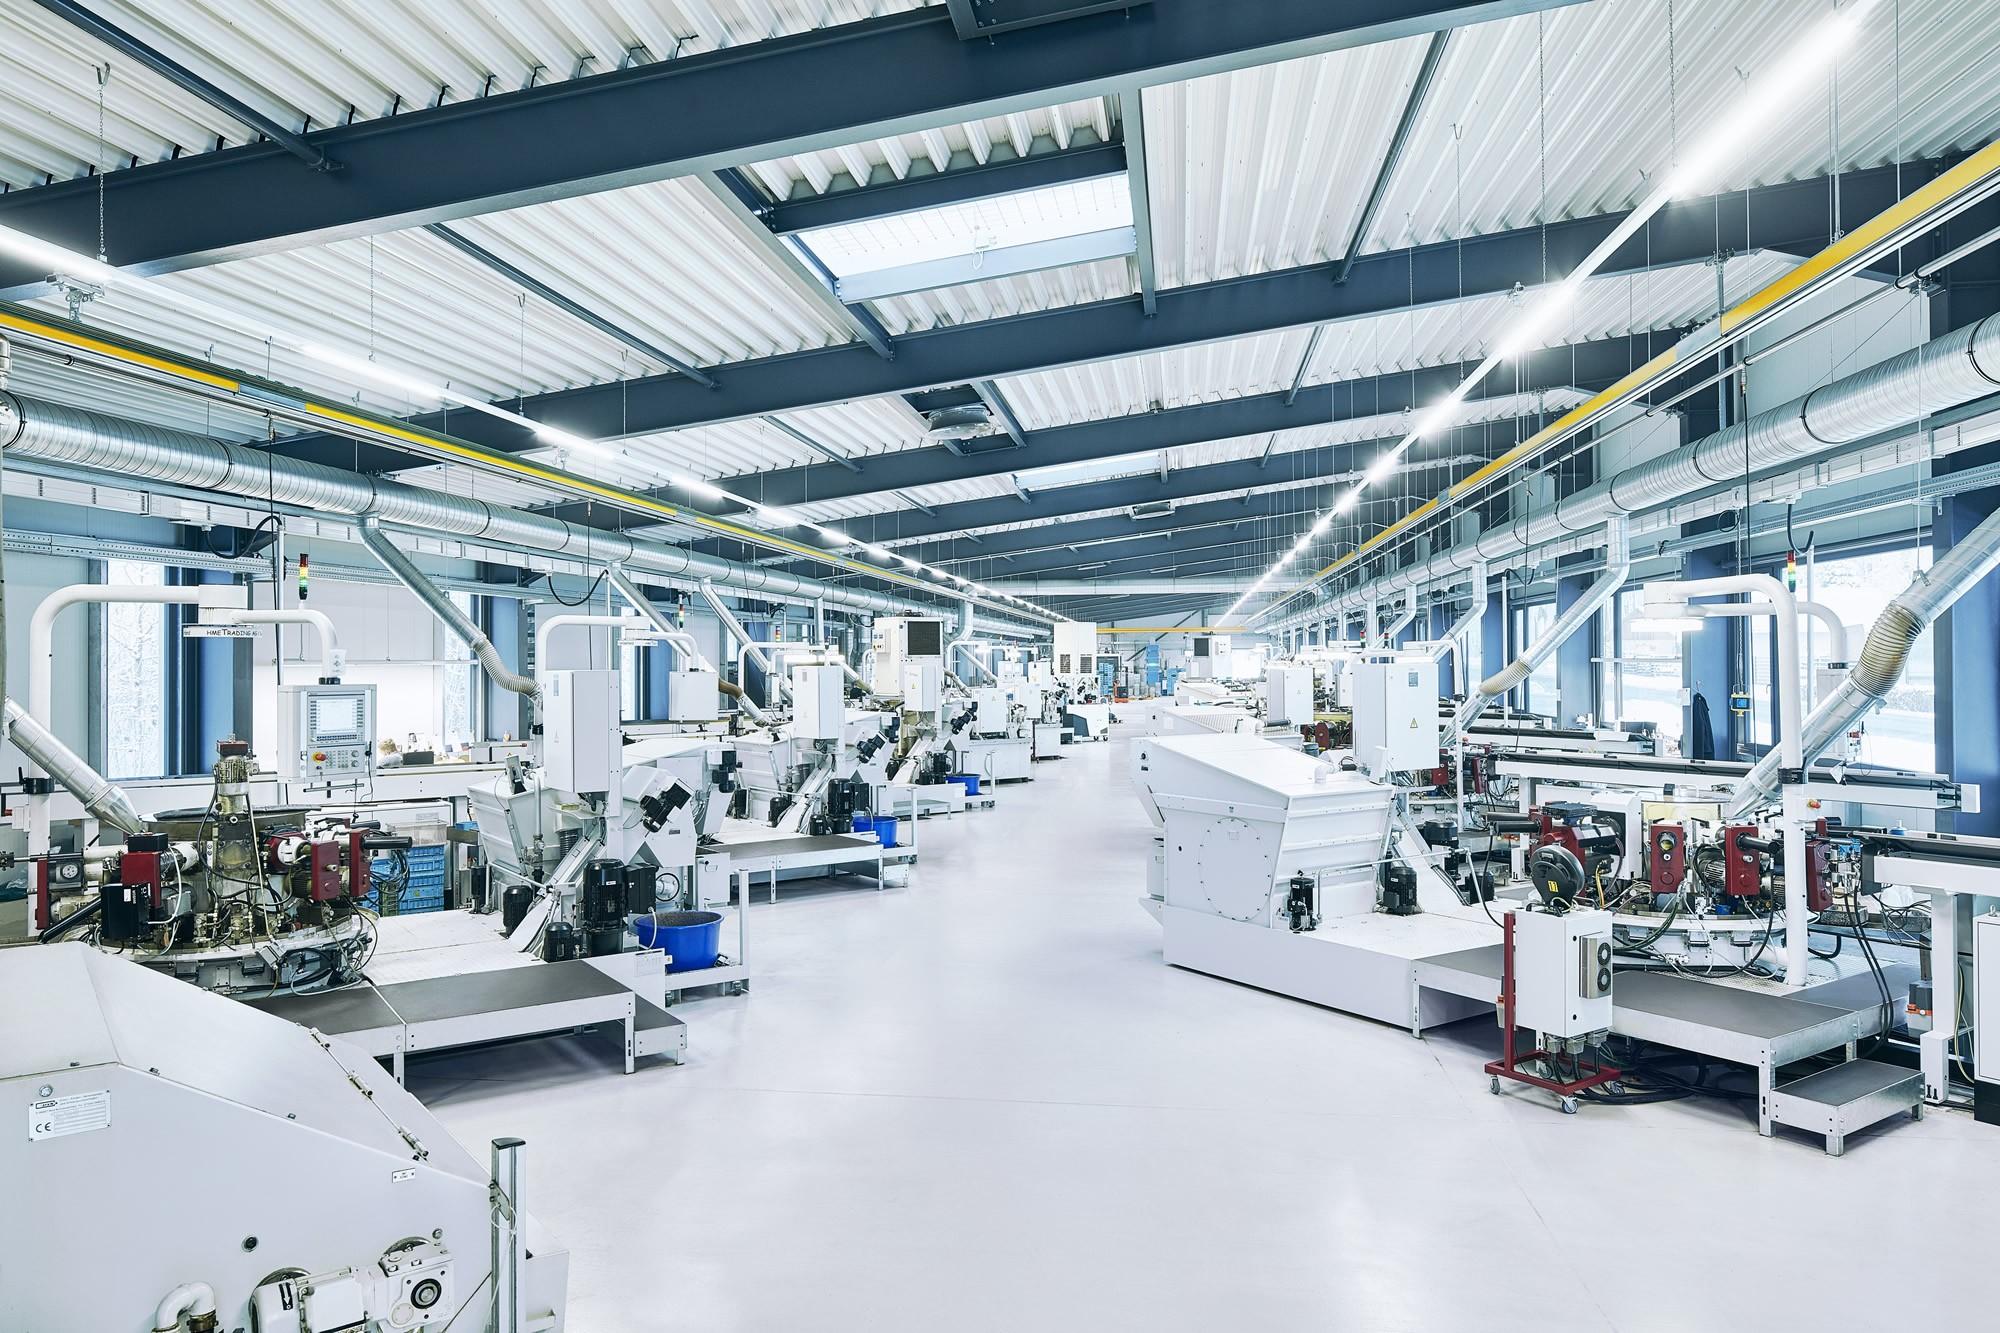 In einer der Fertigungshallen der Herbrig & Co. GmbH stehen mehrere Pfiffner Hydromaten, mit denen komplexe, nicht rotationssymetrische Drehteile in hohen Stückzahlen produziert werden können.